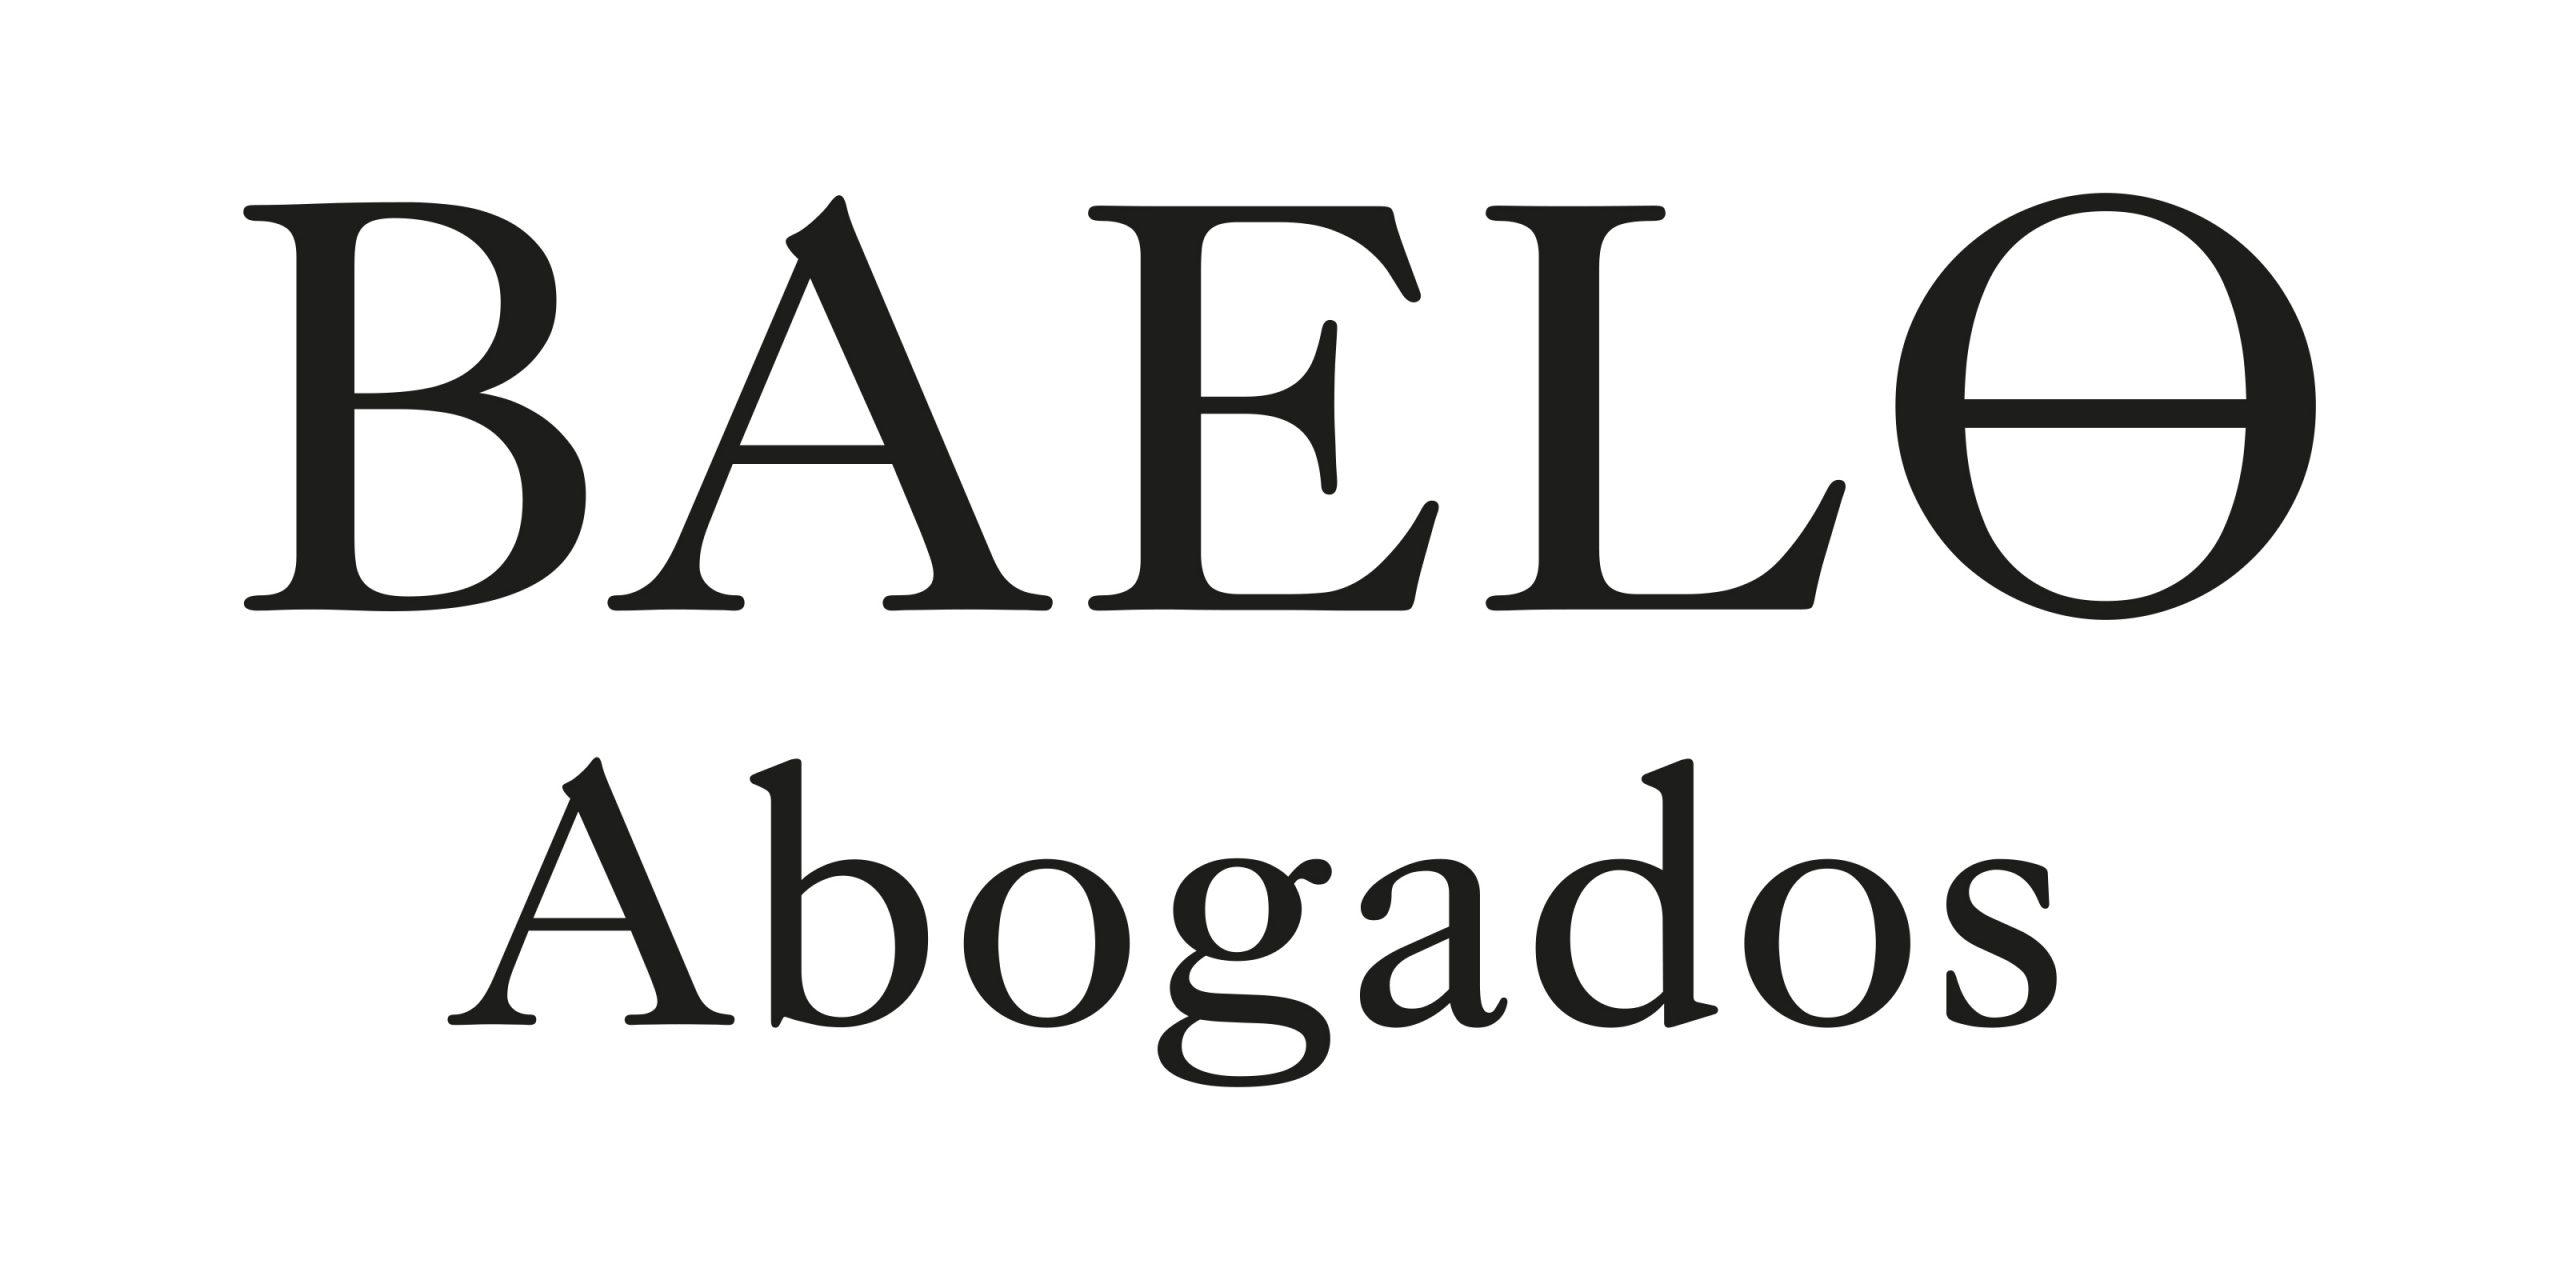 BAELO abogados